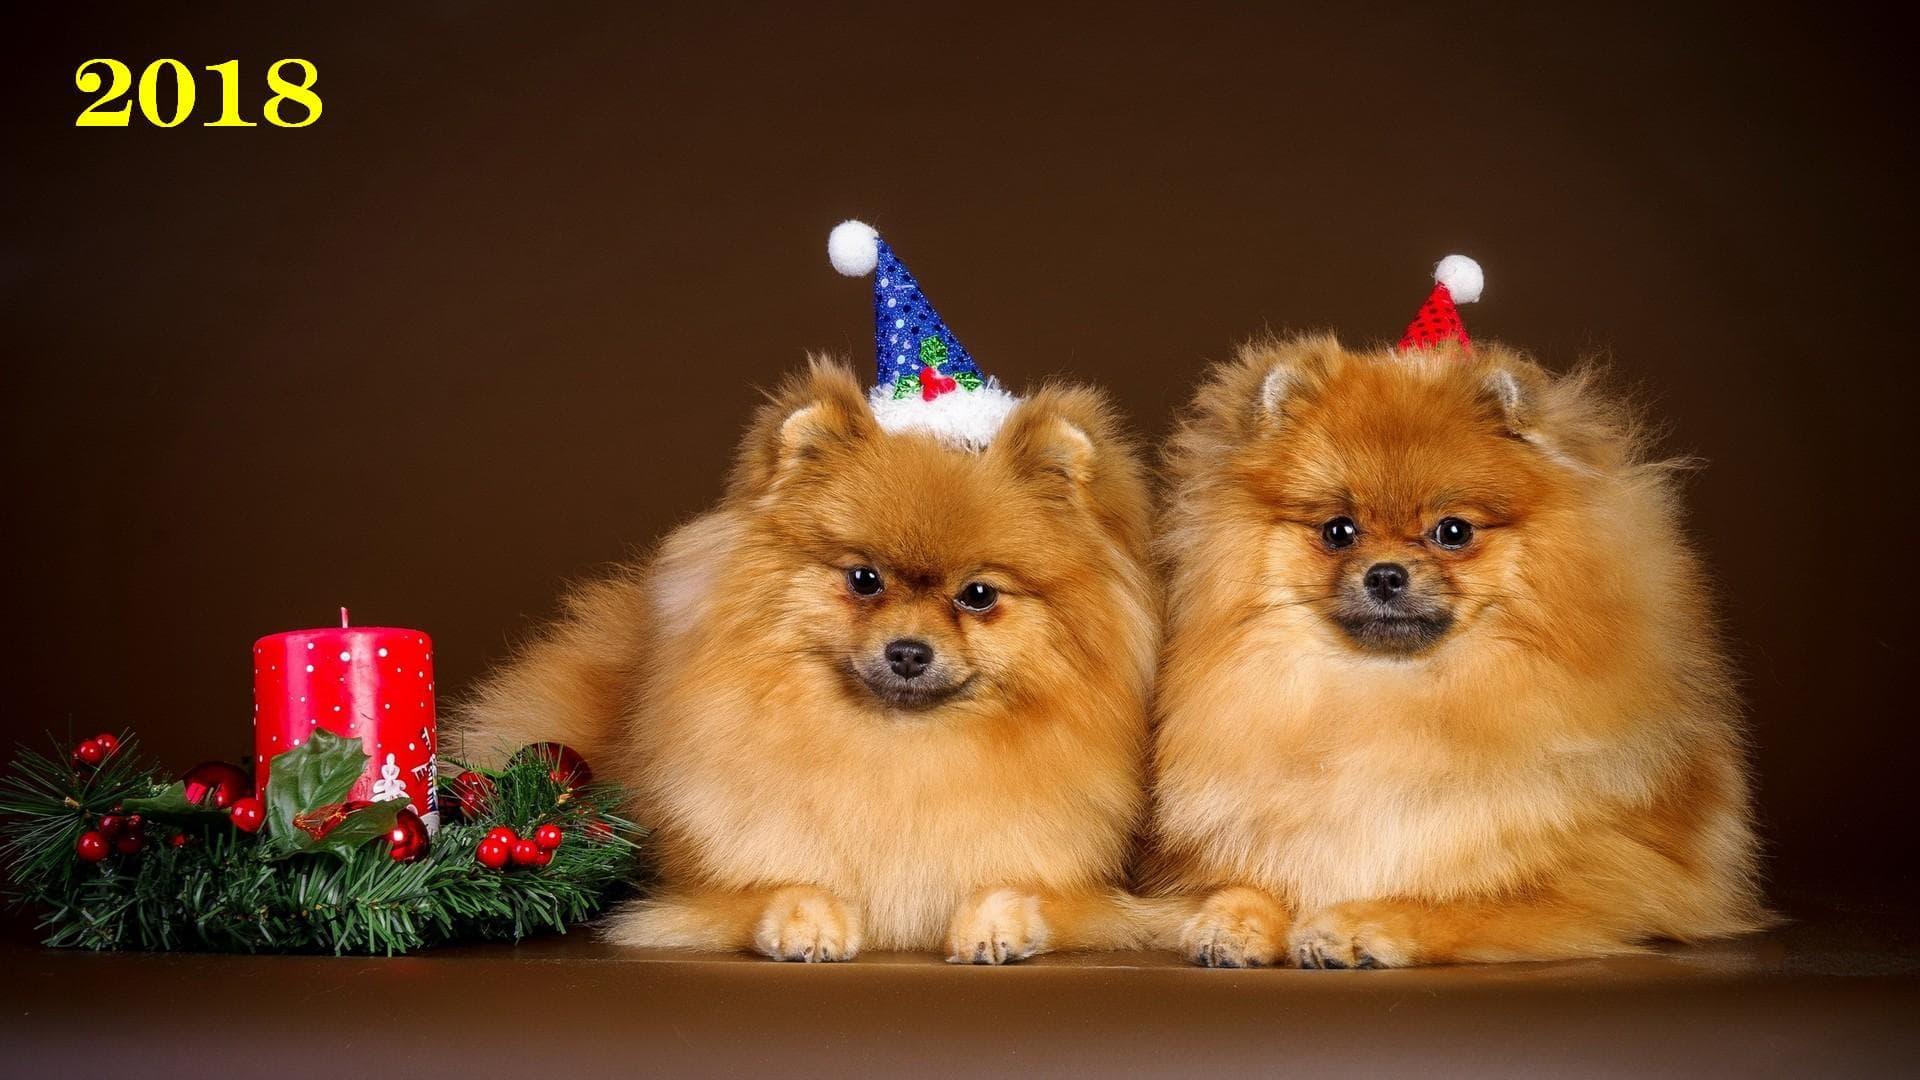 Прикольные Новогодние картинки 2018 в год собаки